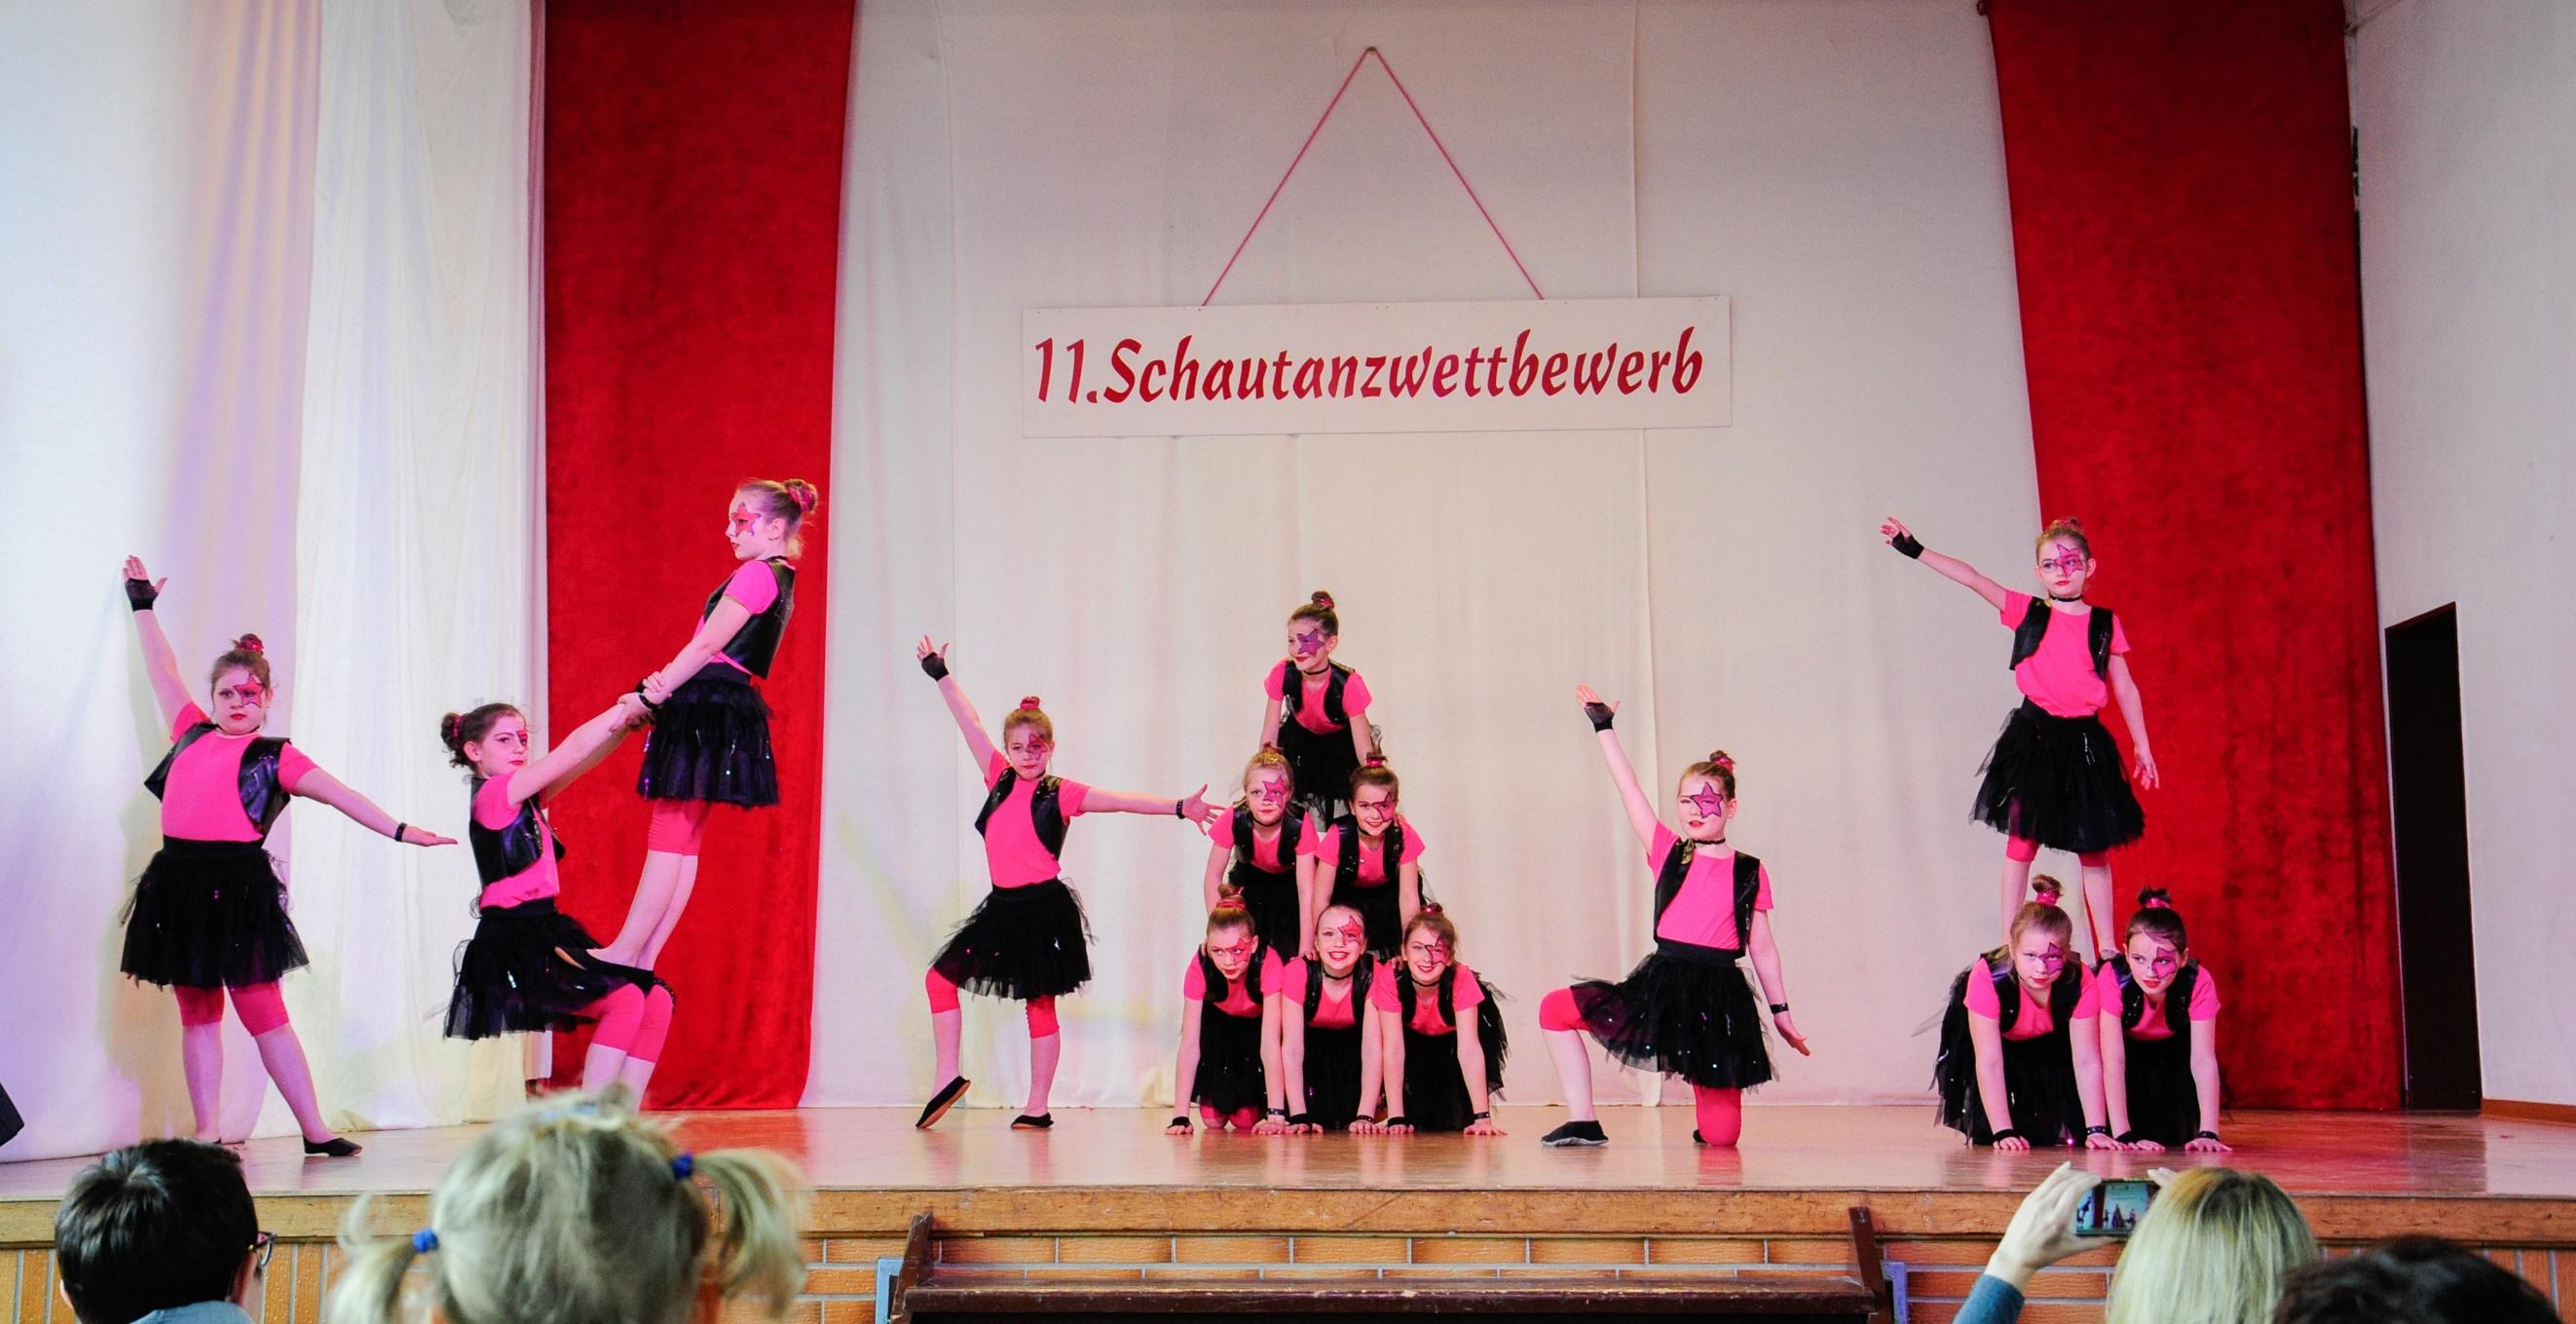 Auftritt Kinder- und Jugendschautanzwettbewerb in Niederneisen, 22.04.2017